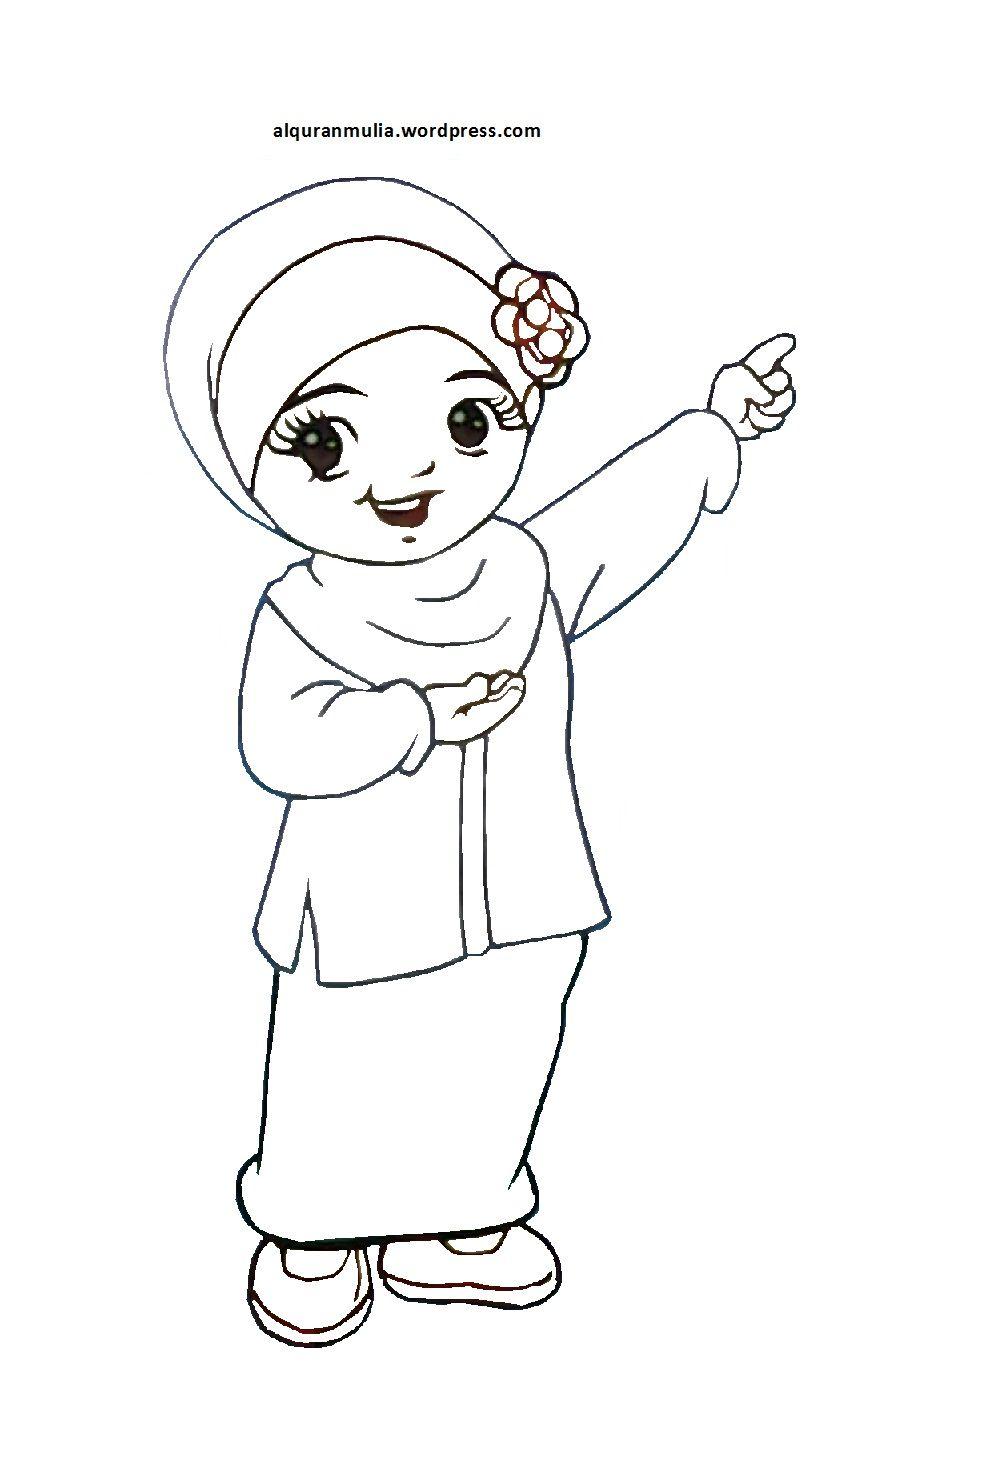 Mewarnai Gambar Kartun Anak Muslimah 18 Alqur U002639 Anmulia Cizim Islam Dikis